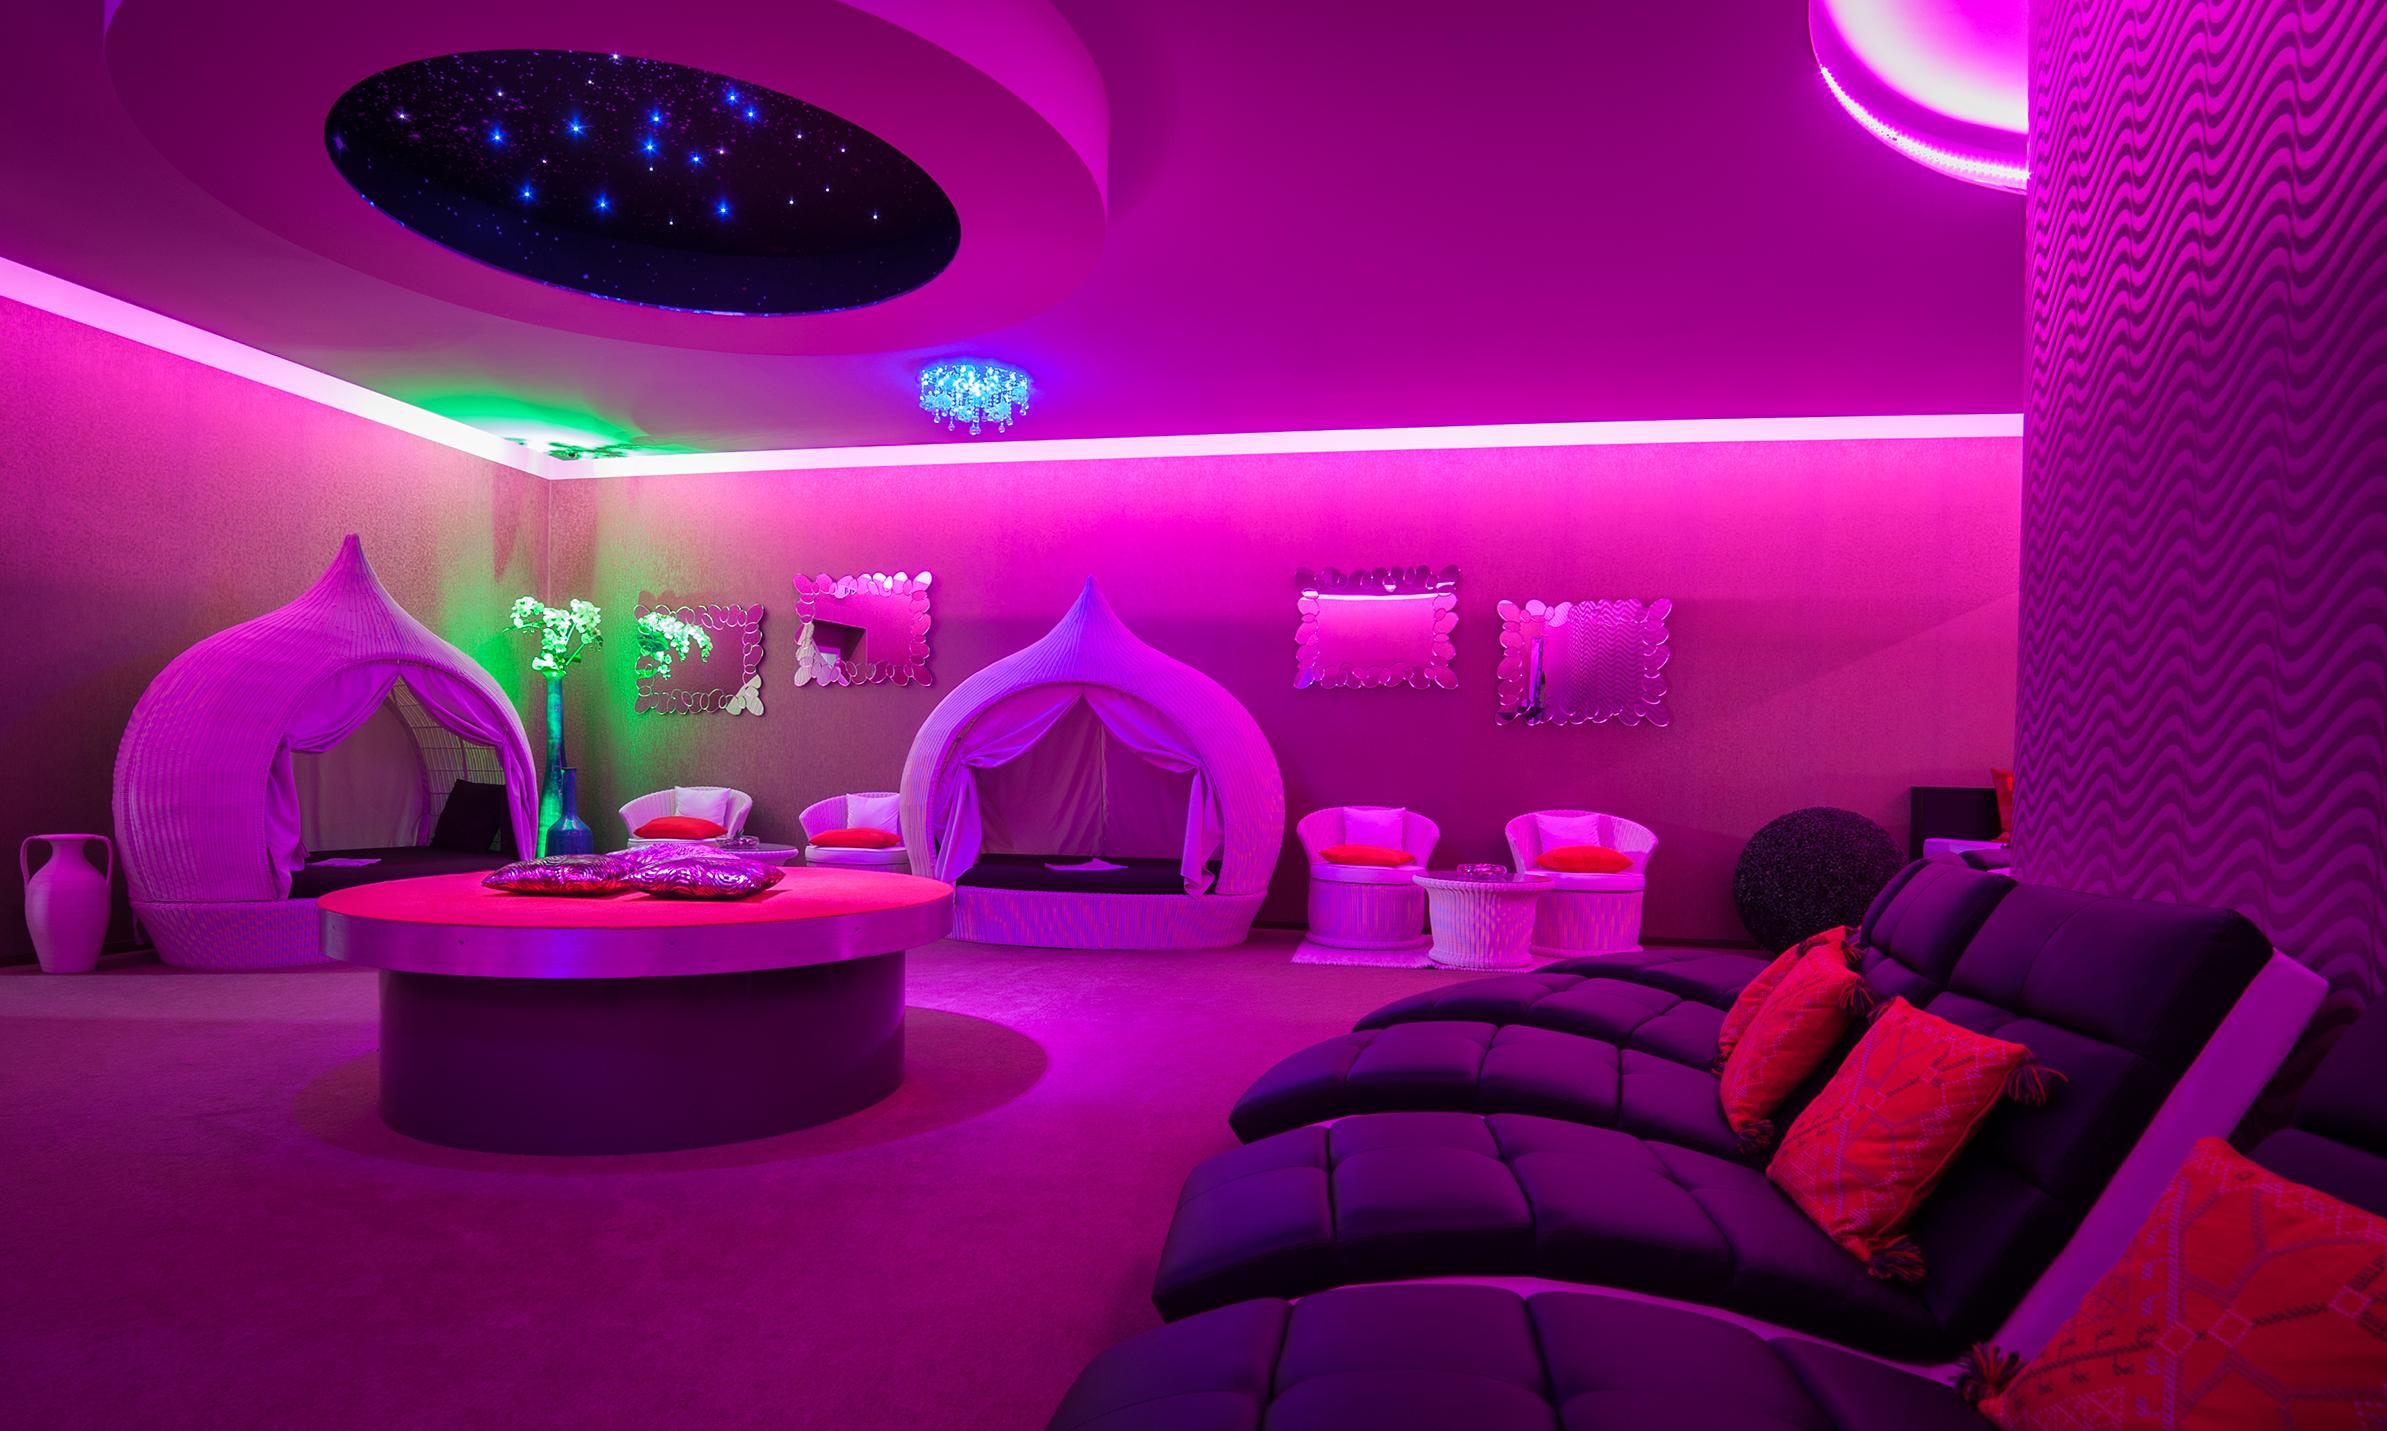 Fkk livingroom